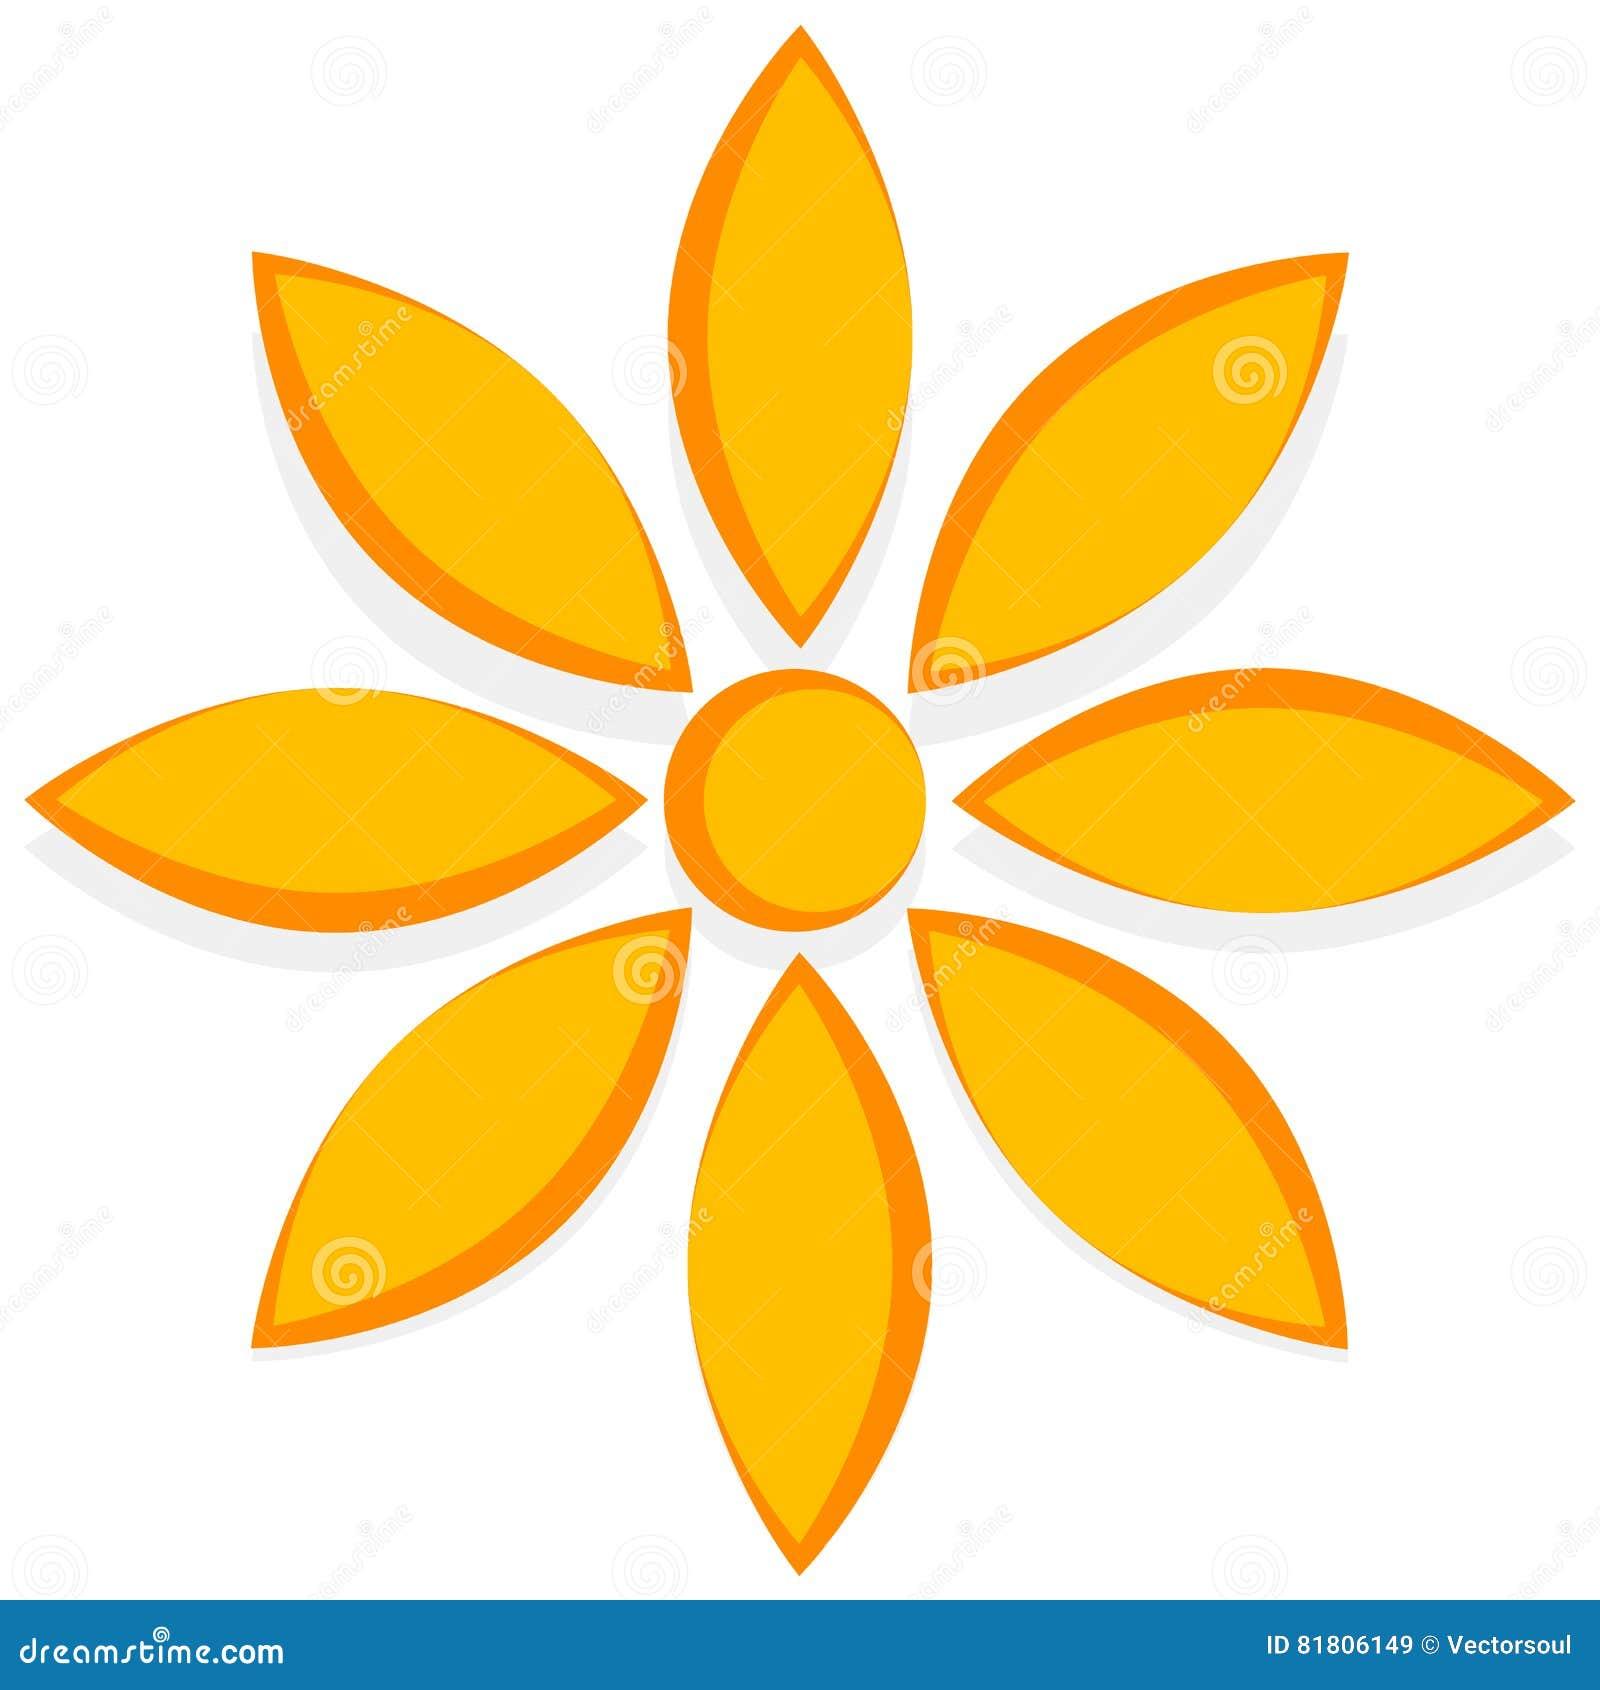 Иллюстрация для природы связала концепции с мотивом цветка